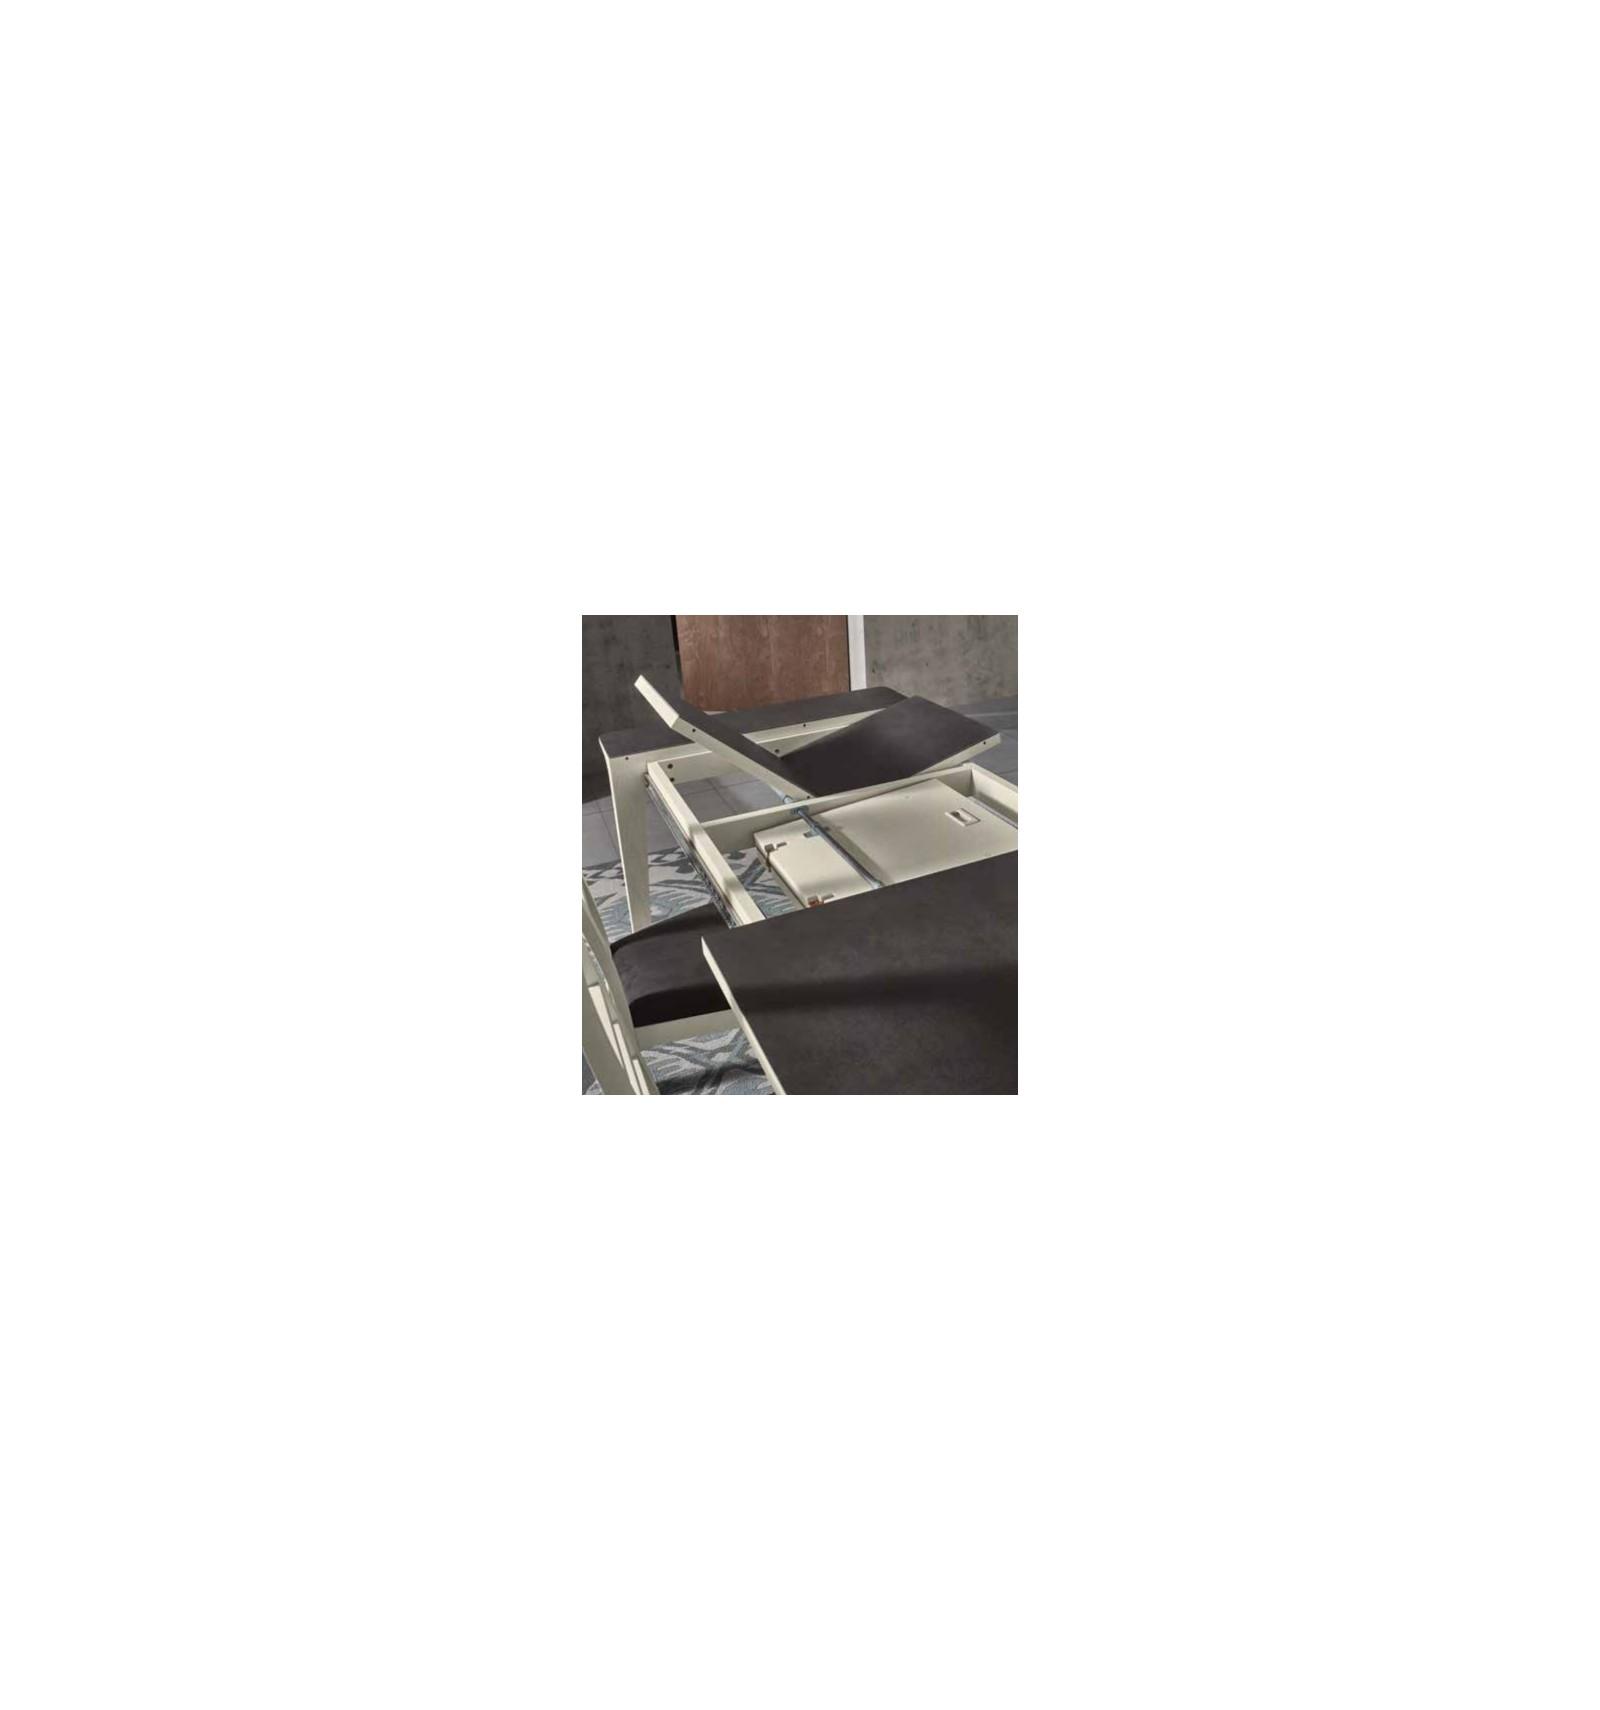 #644E44 Salle A Manger Contemporaine BELLA – Modèle 2 Chêne Blanc  3471 salle a manger contemporaine fabrication francaise 1600x1710 px @ aertt.com